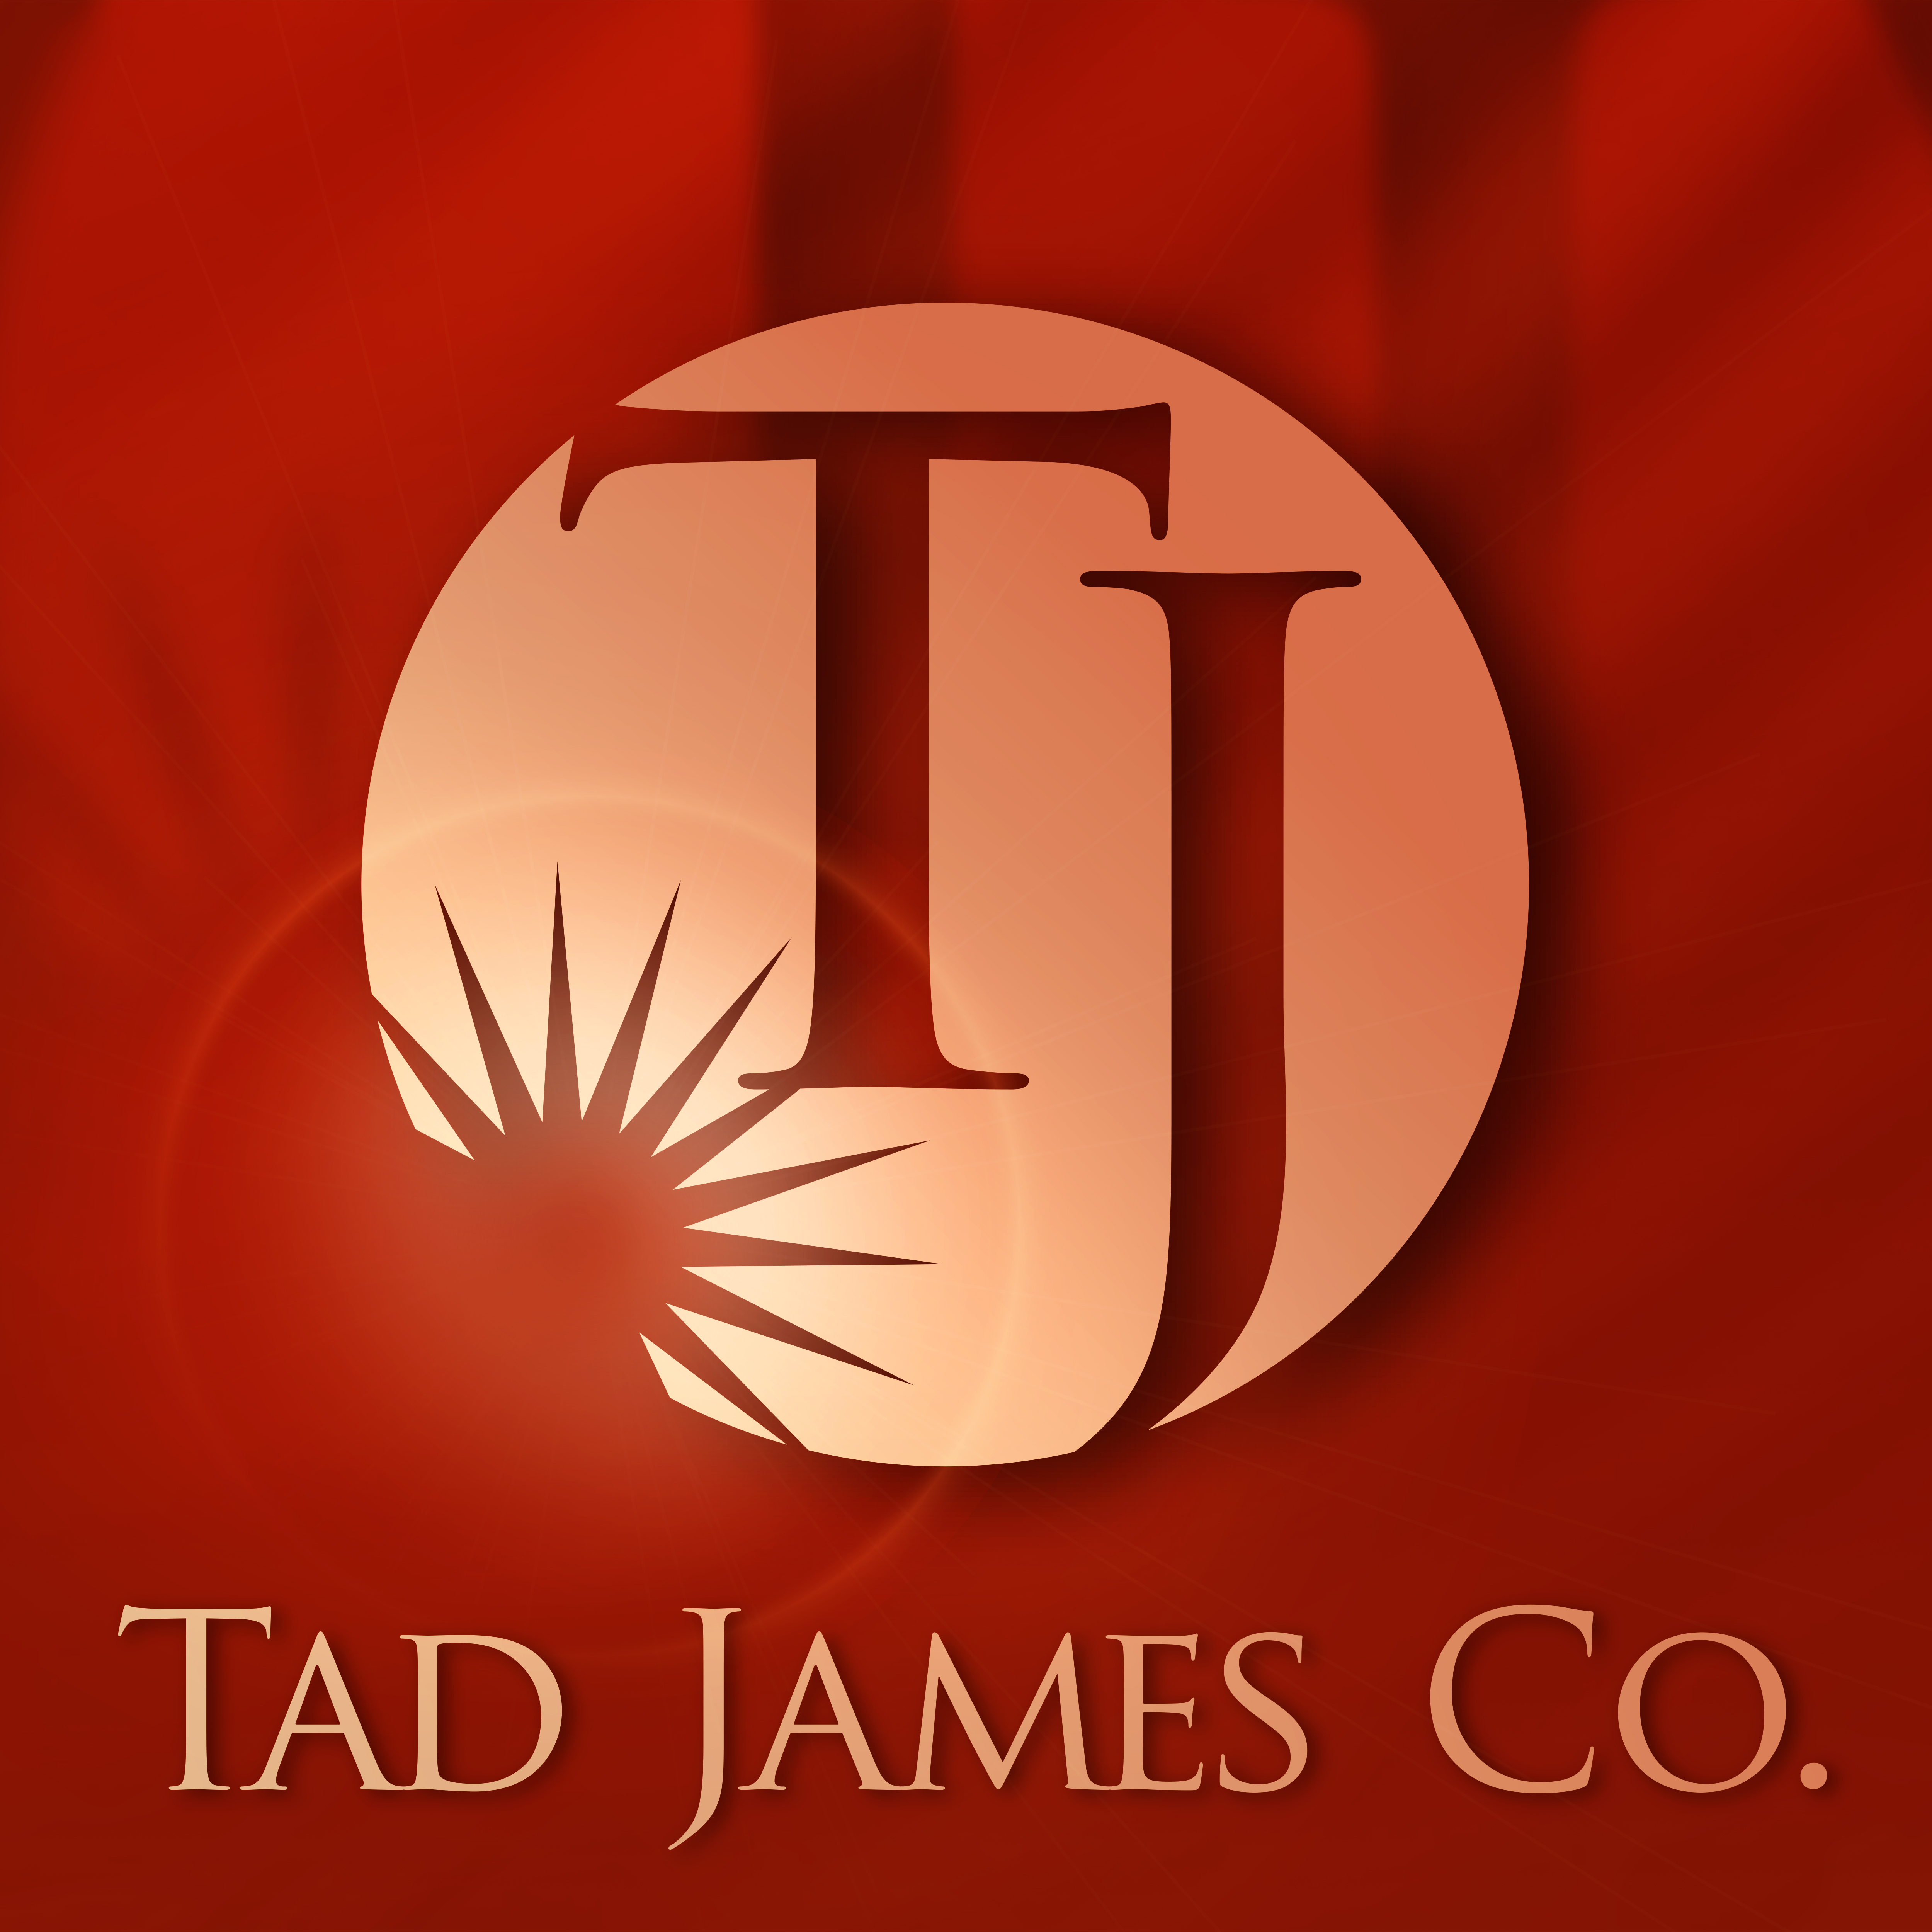 The Tad James Company